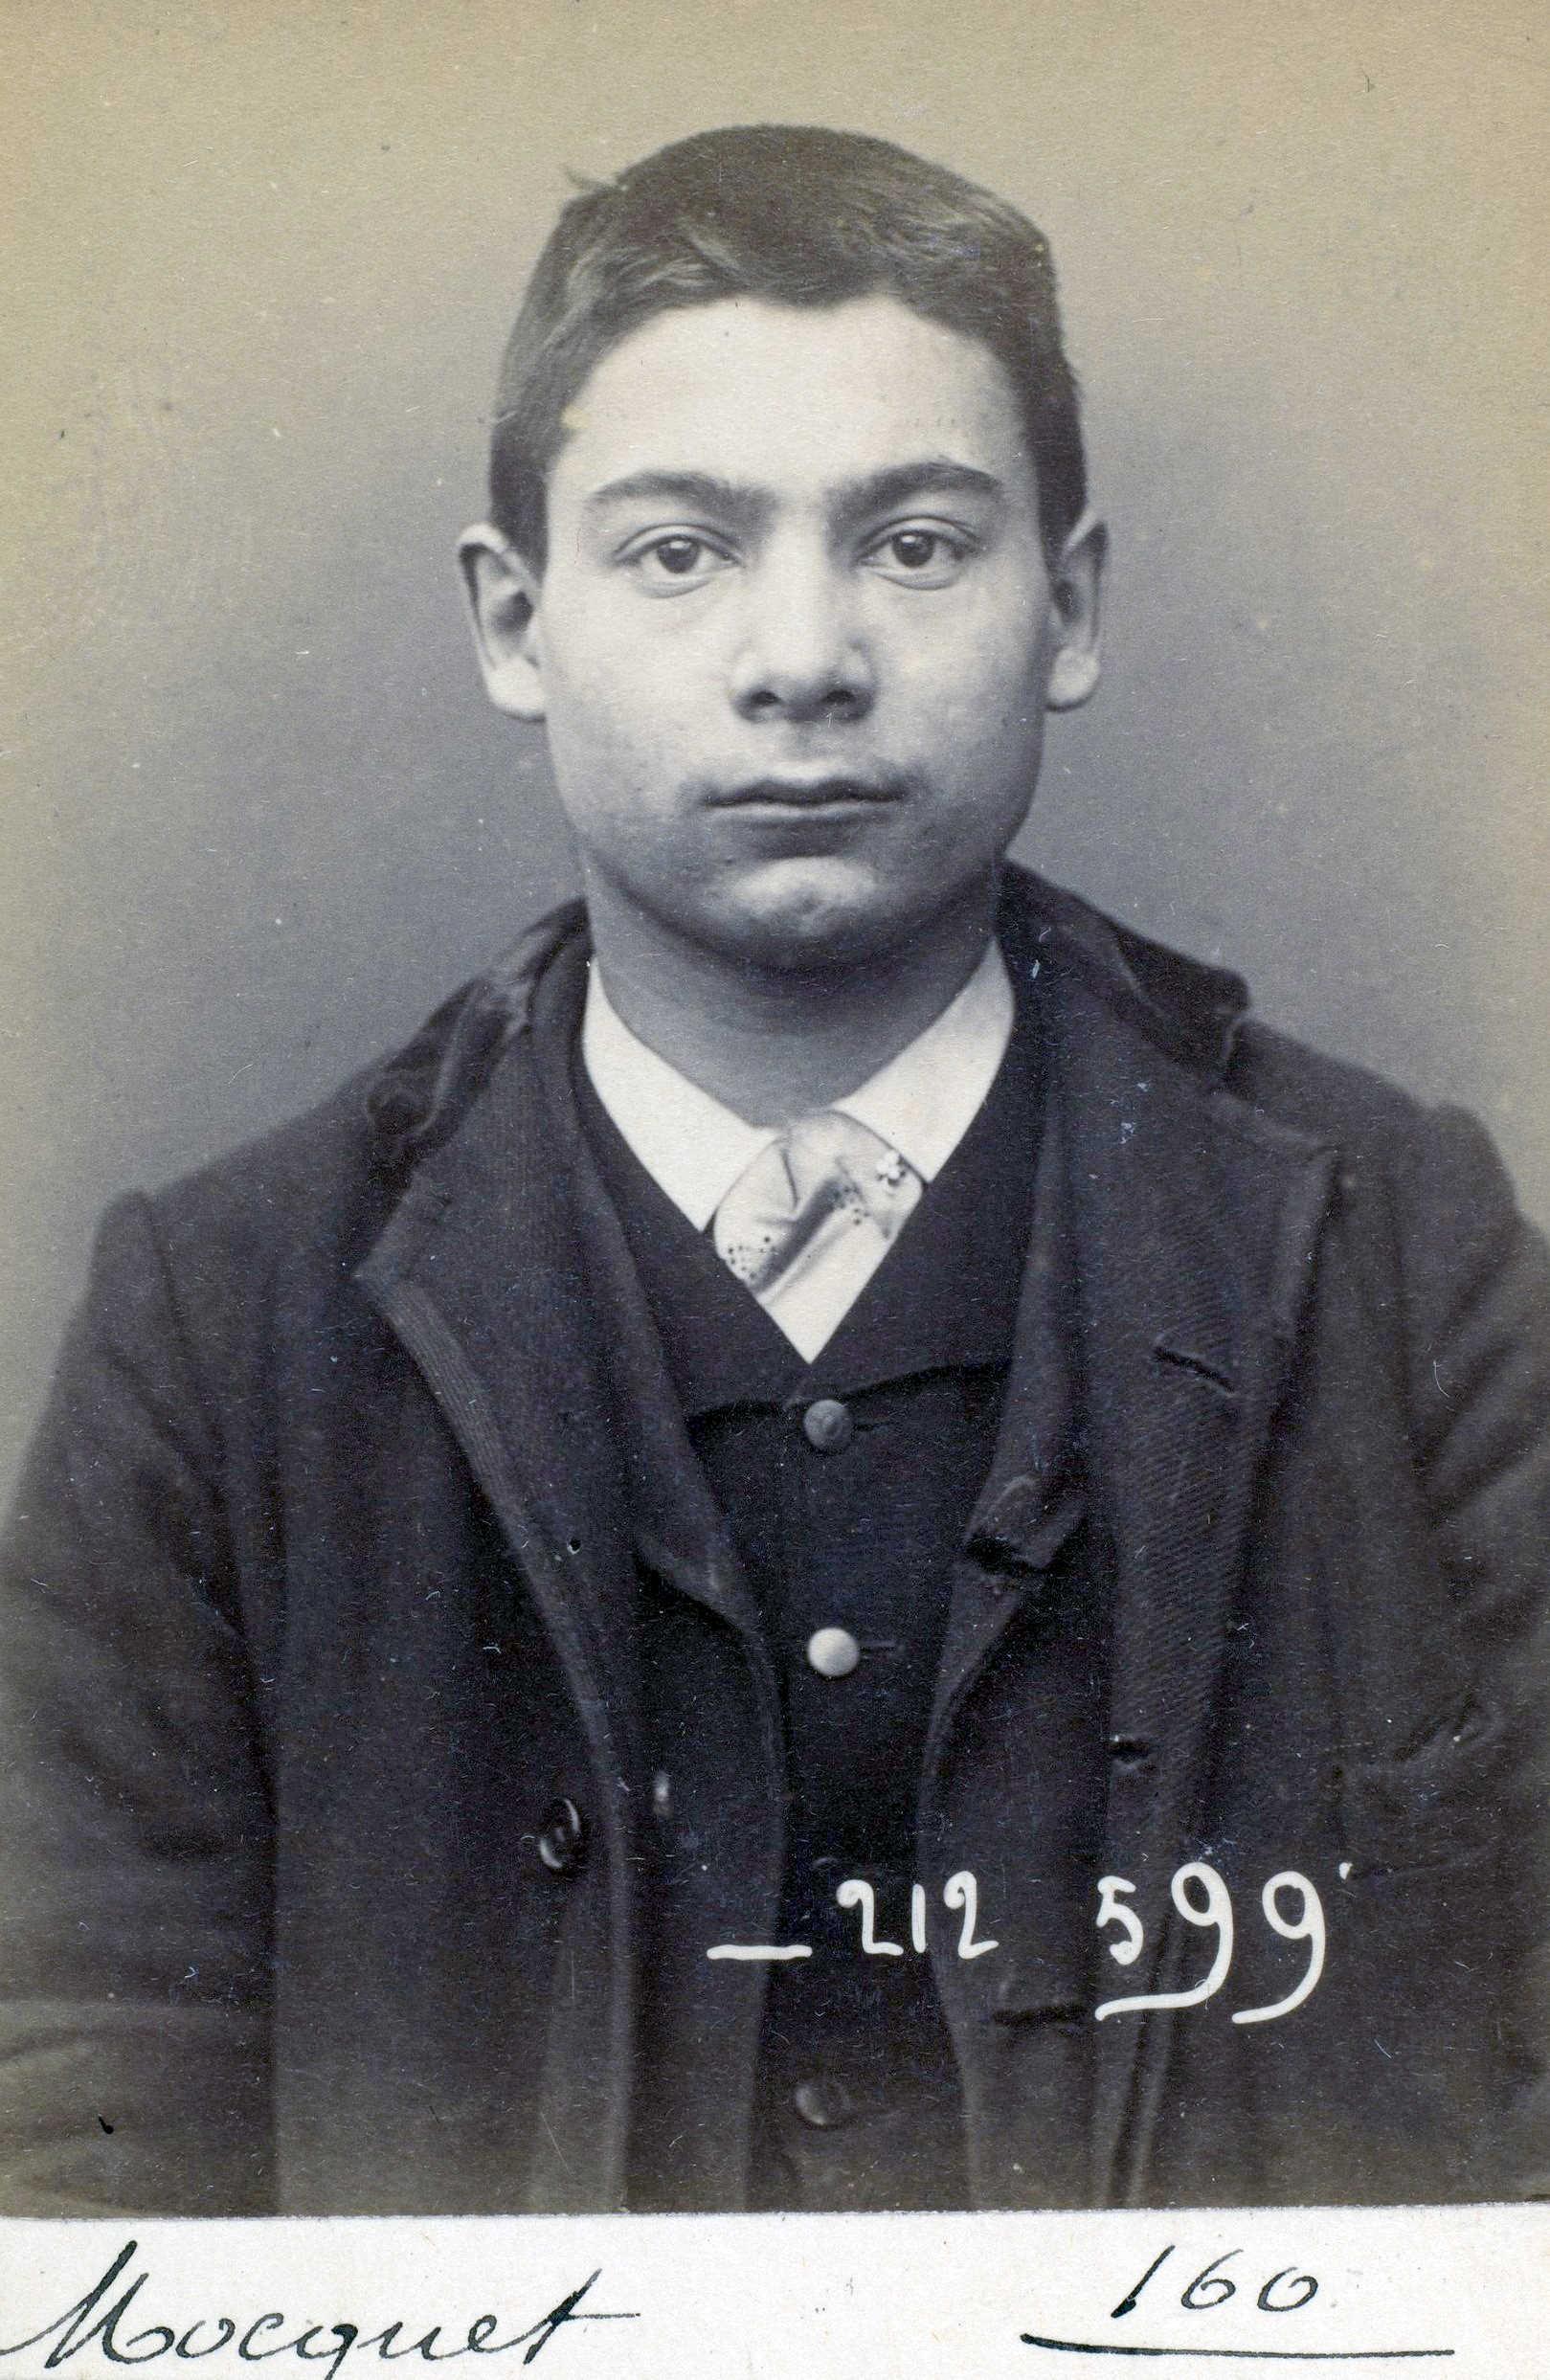 Foto policíaca de Georges Mocquet (6 de gener de 1894)